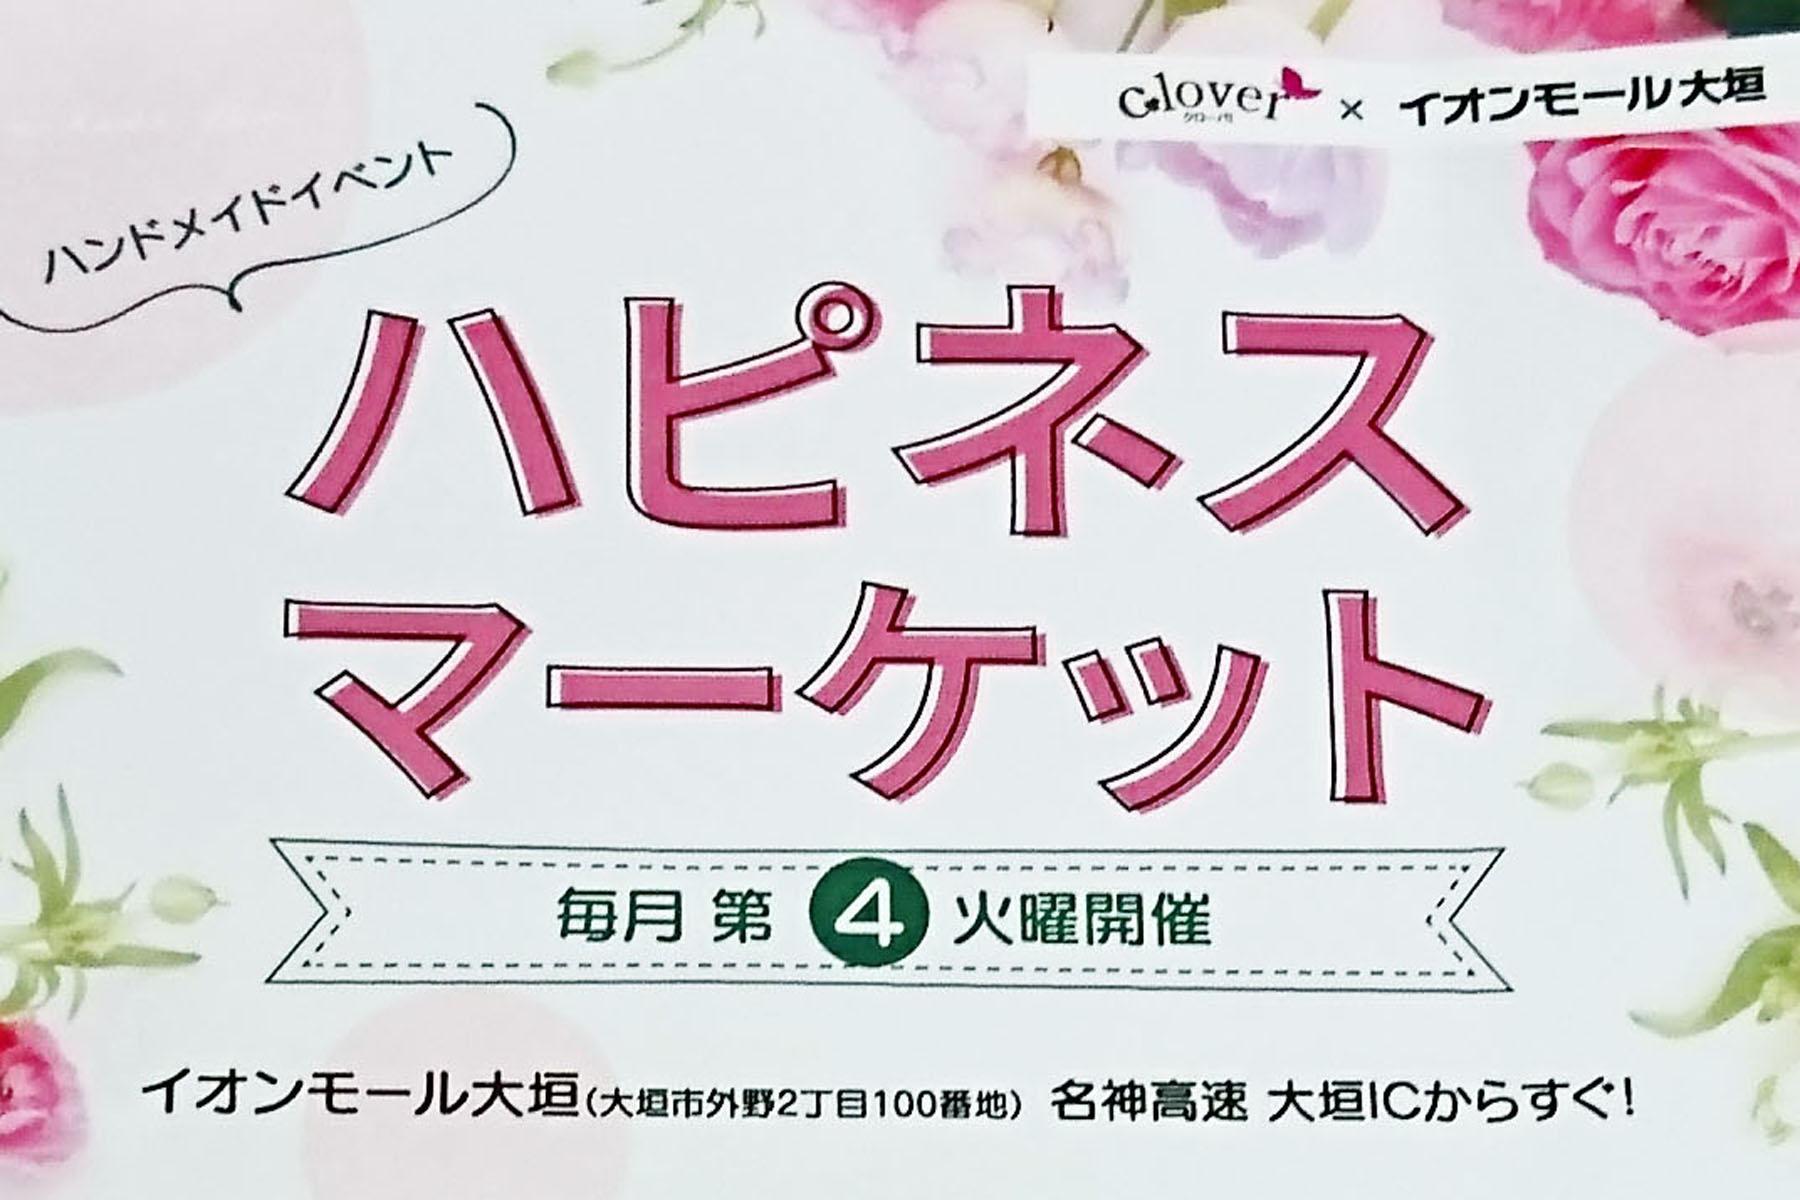 4月29日(木・祝)第1回 おおがきハピネスマーケット in イオンモール大垣 岐阜県